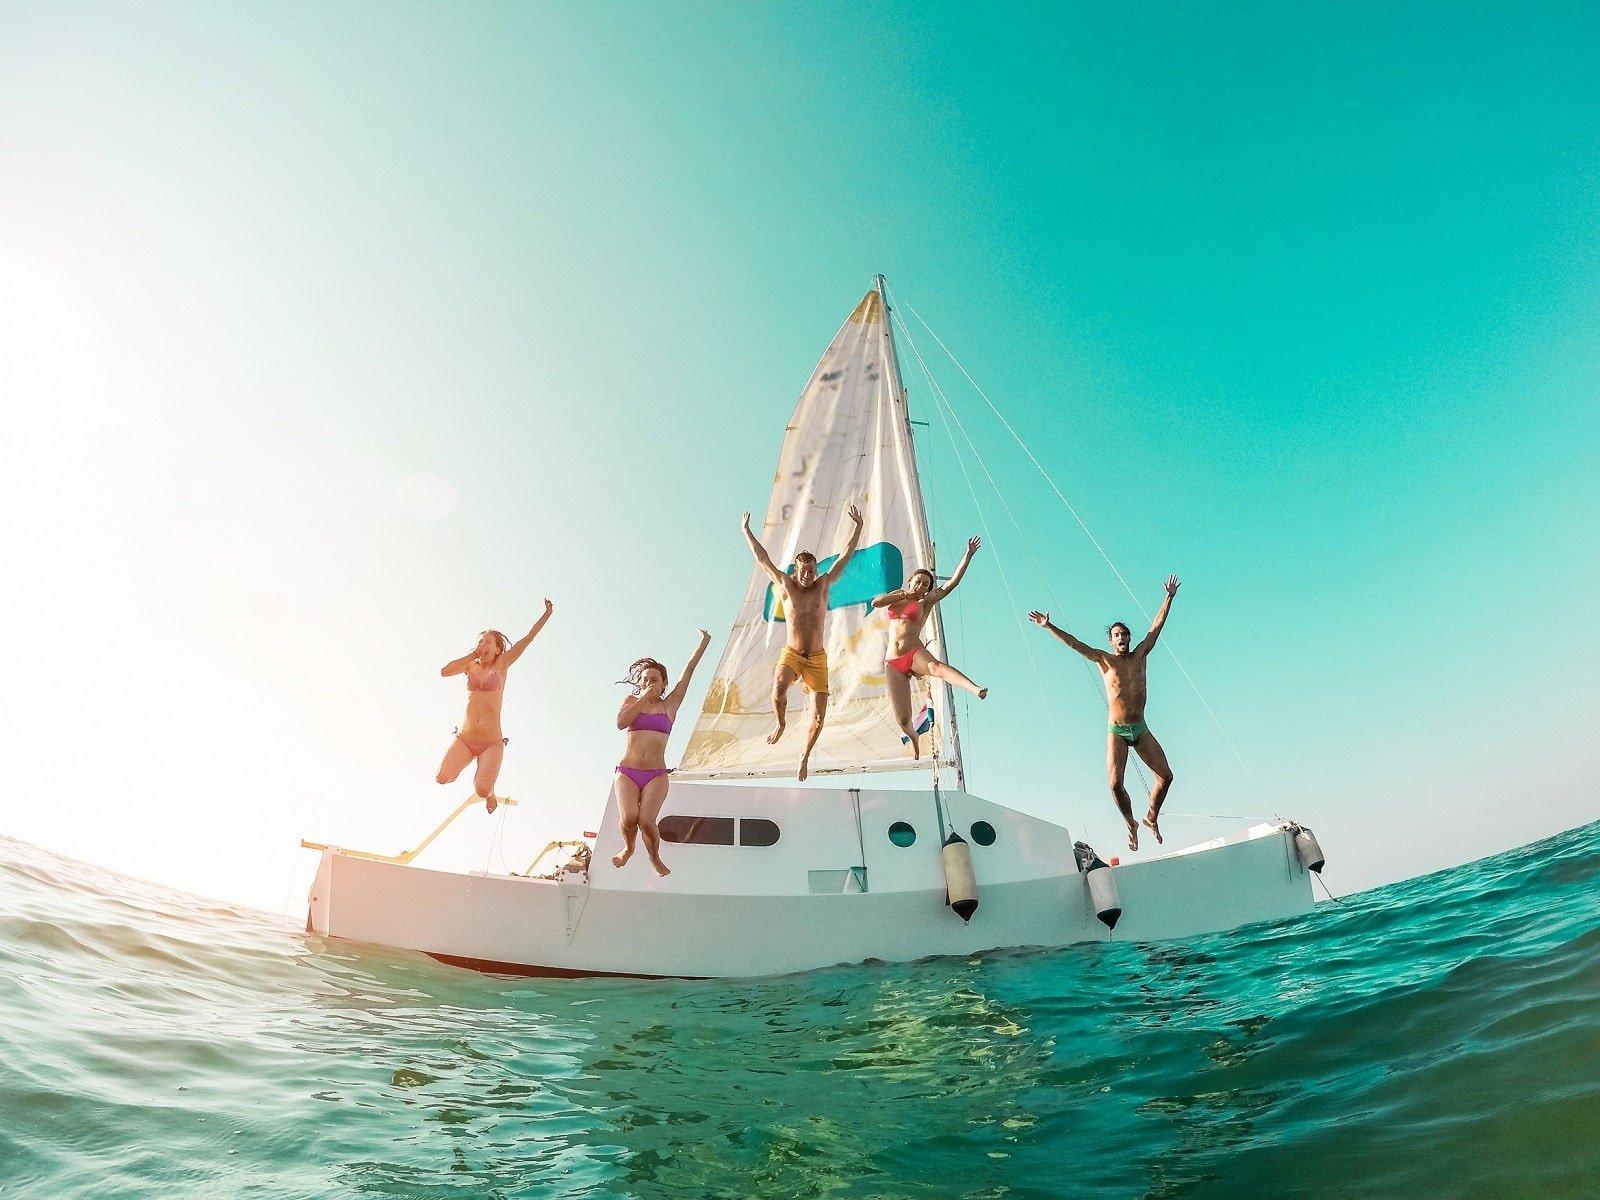 menschen springen von boot